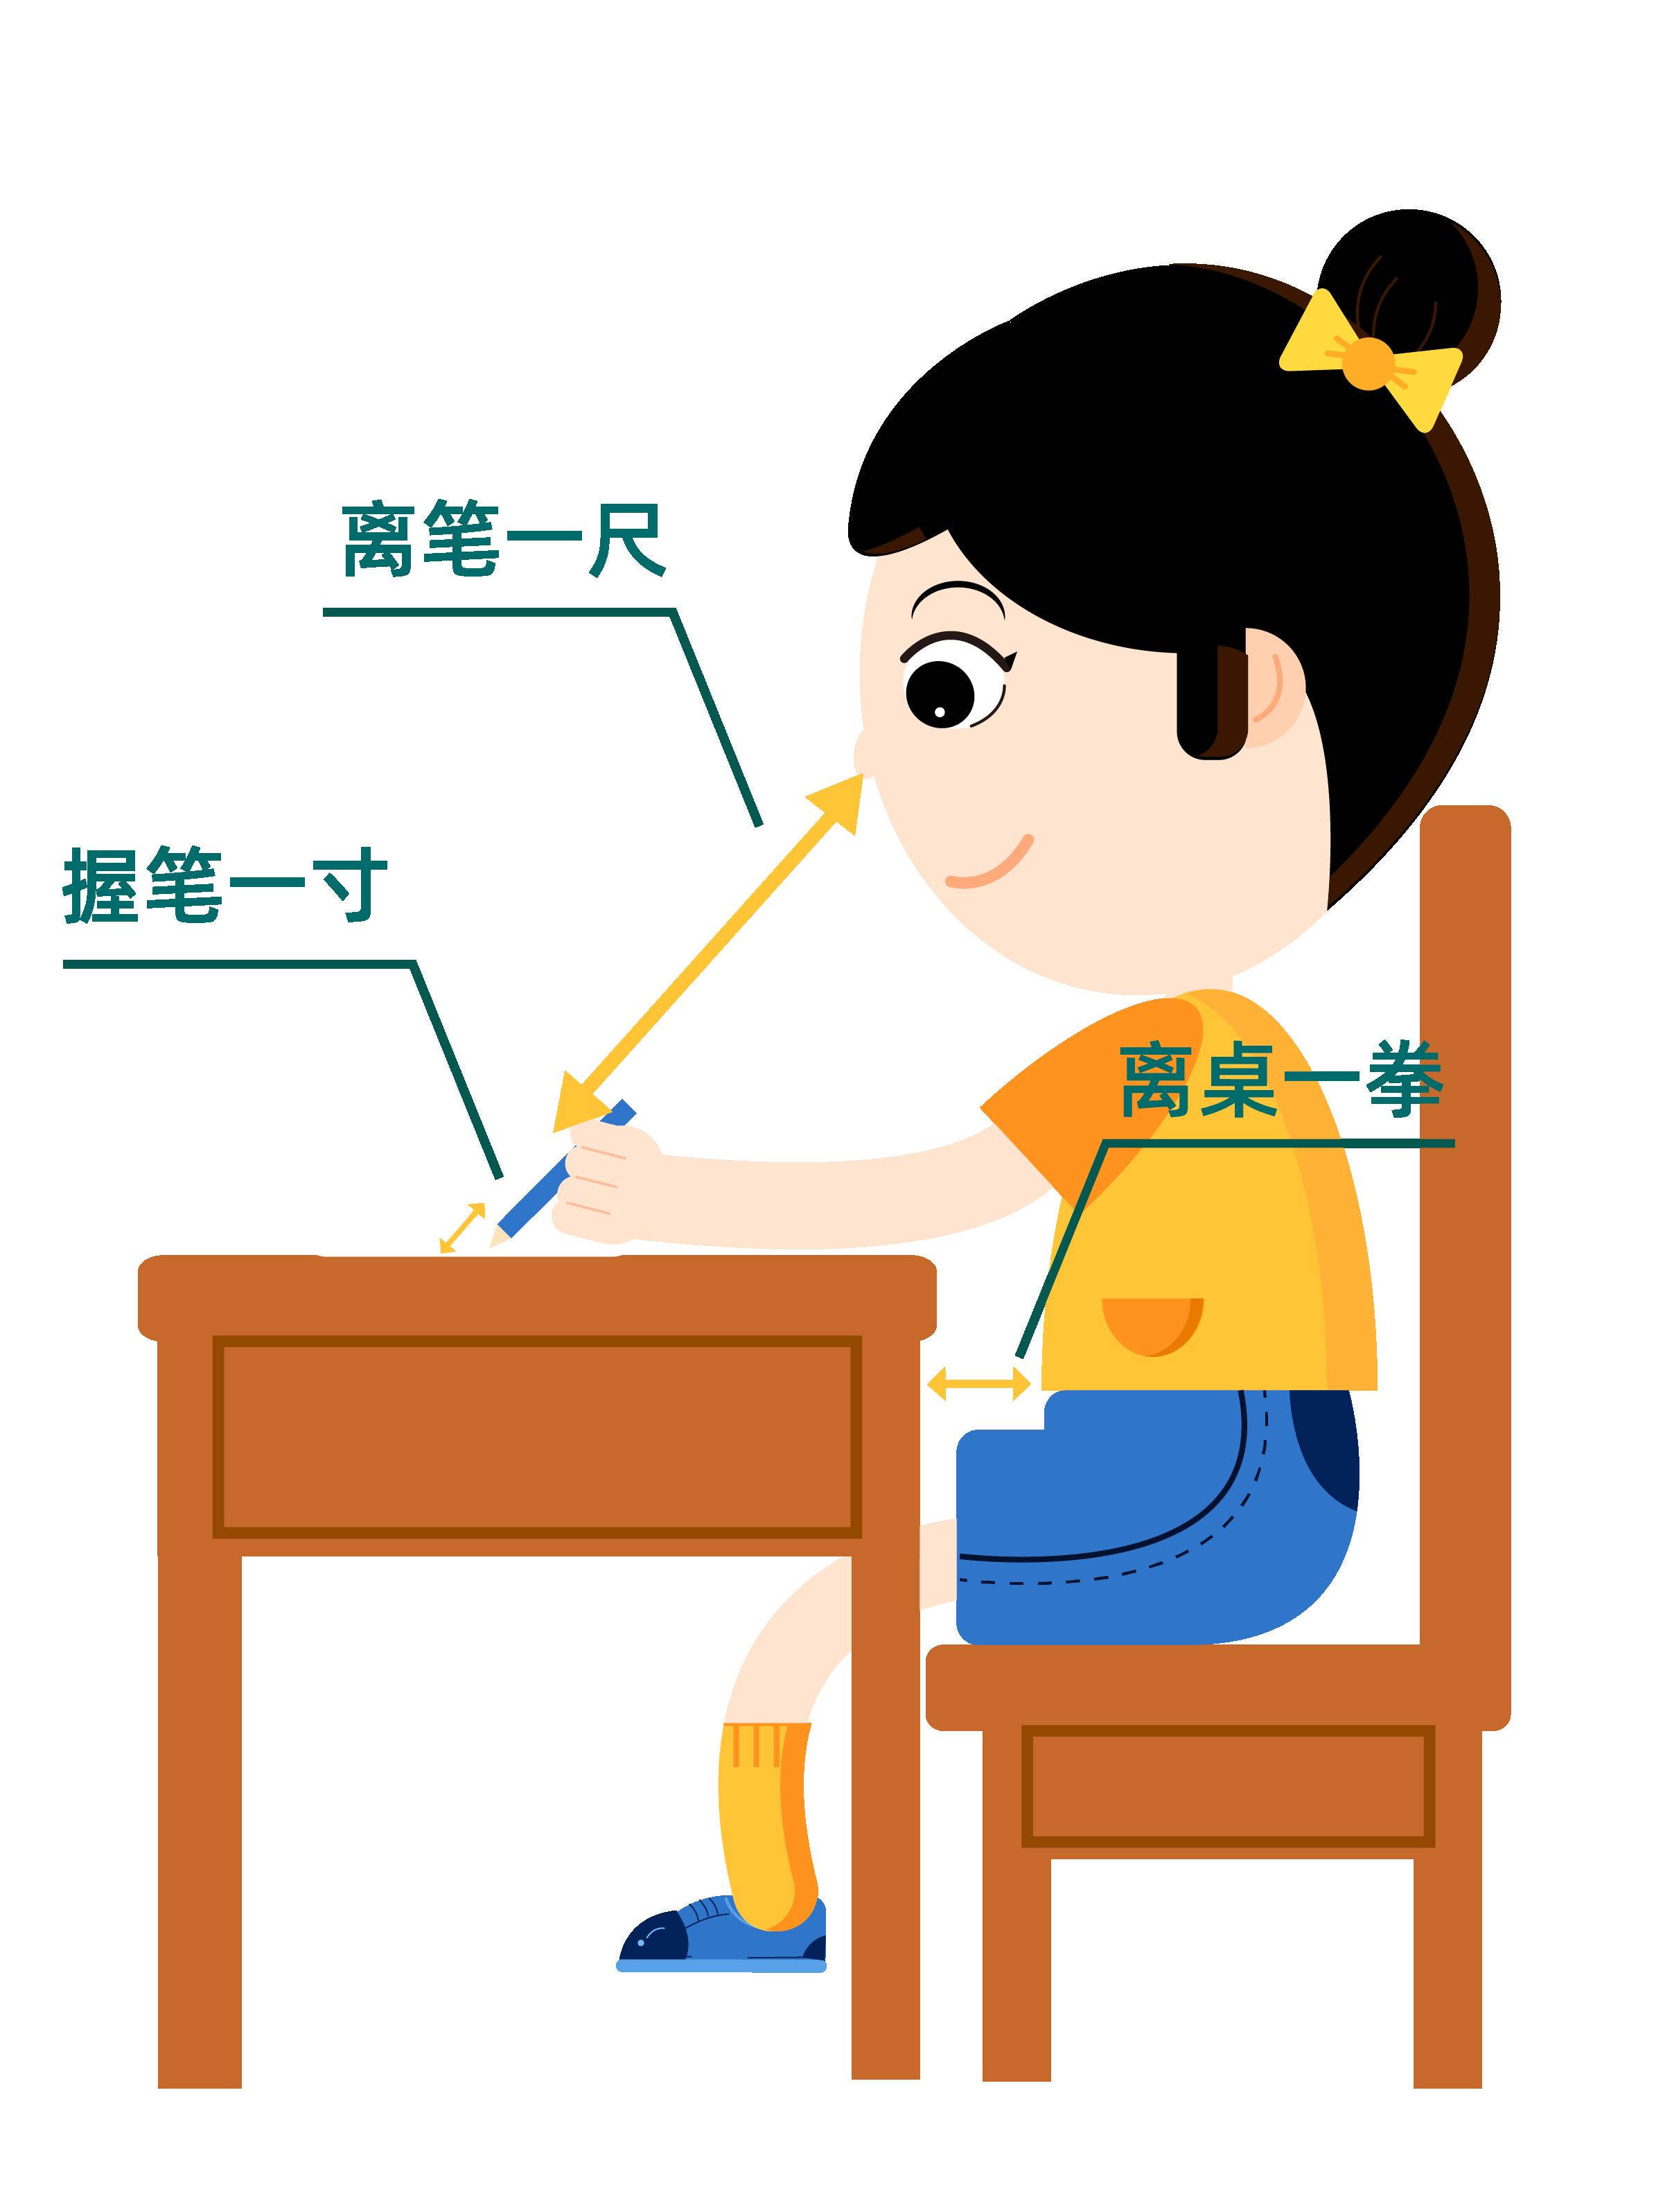 5 岁男童写作业眼睛被笔尖扎伤,警惕眼外伤,19% 孩子可致盲